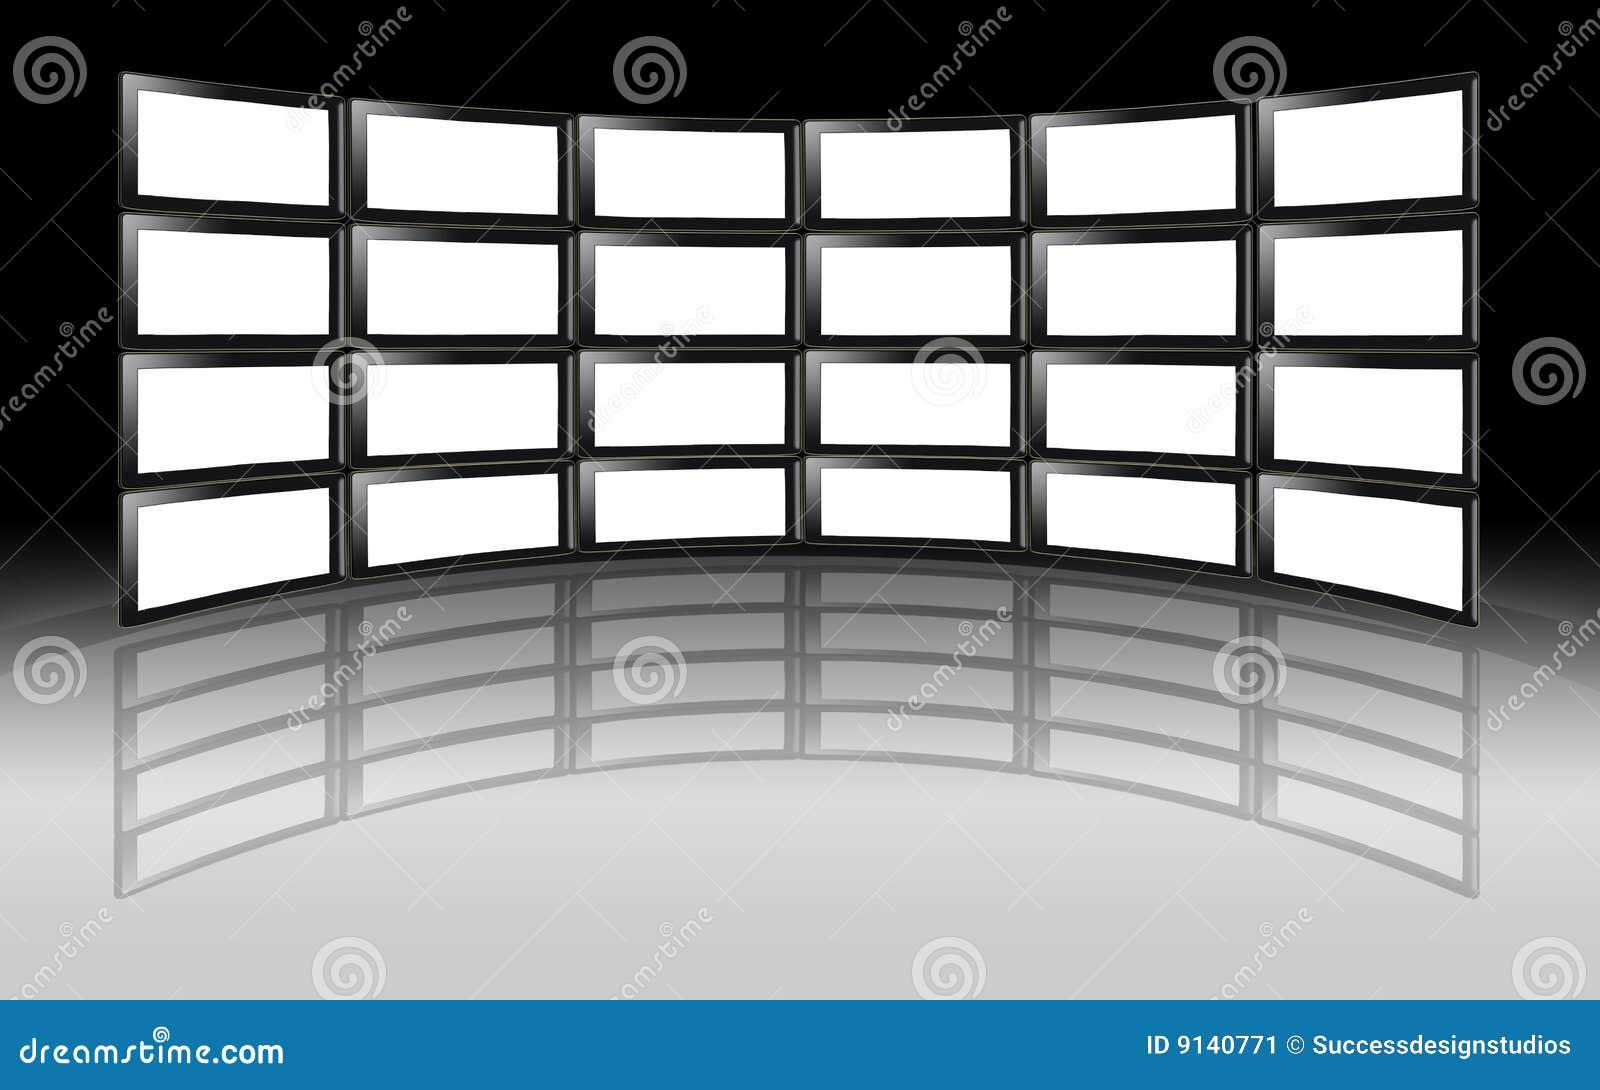 Televisiones del plasma del lcd de la pared de la tv - Tv en la pared ...